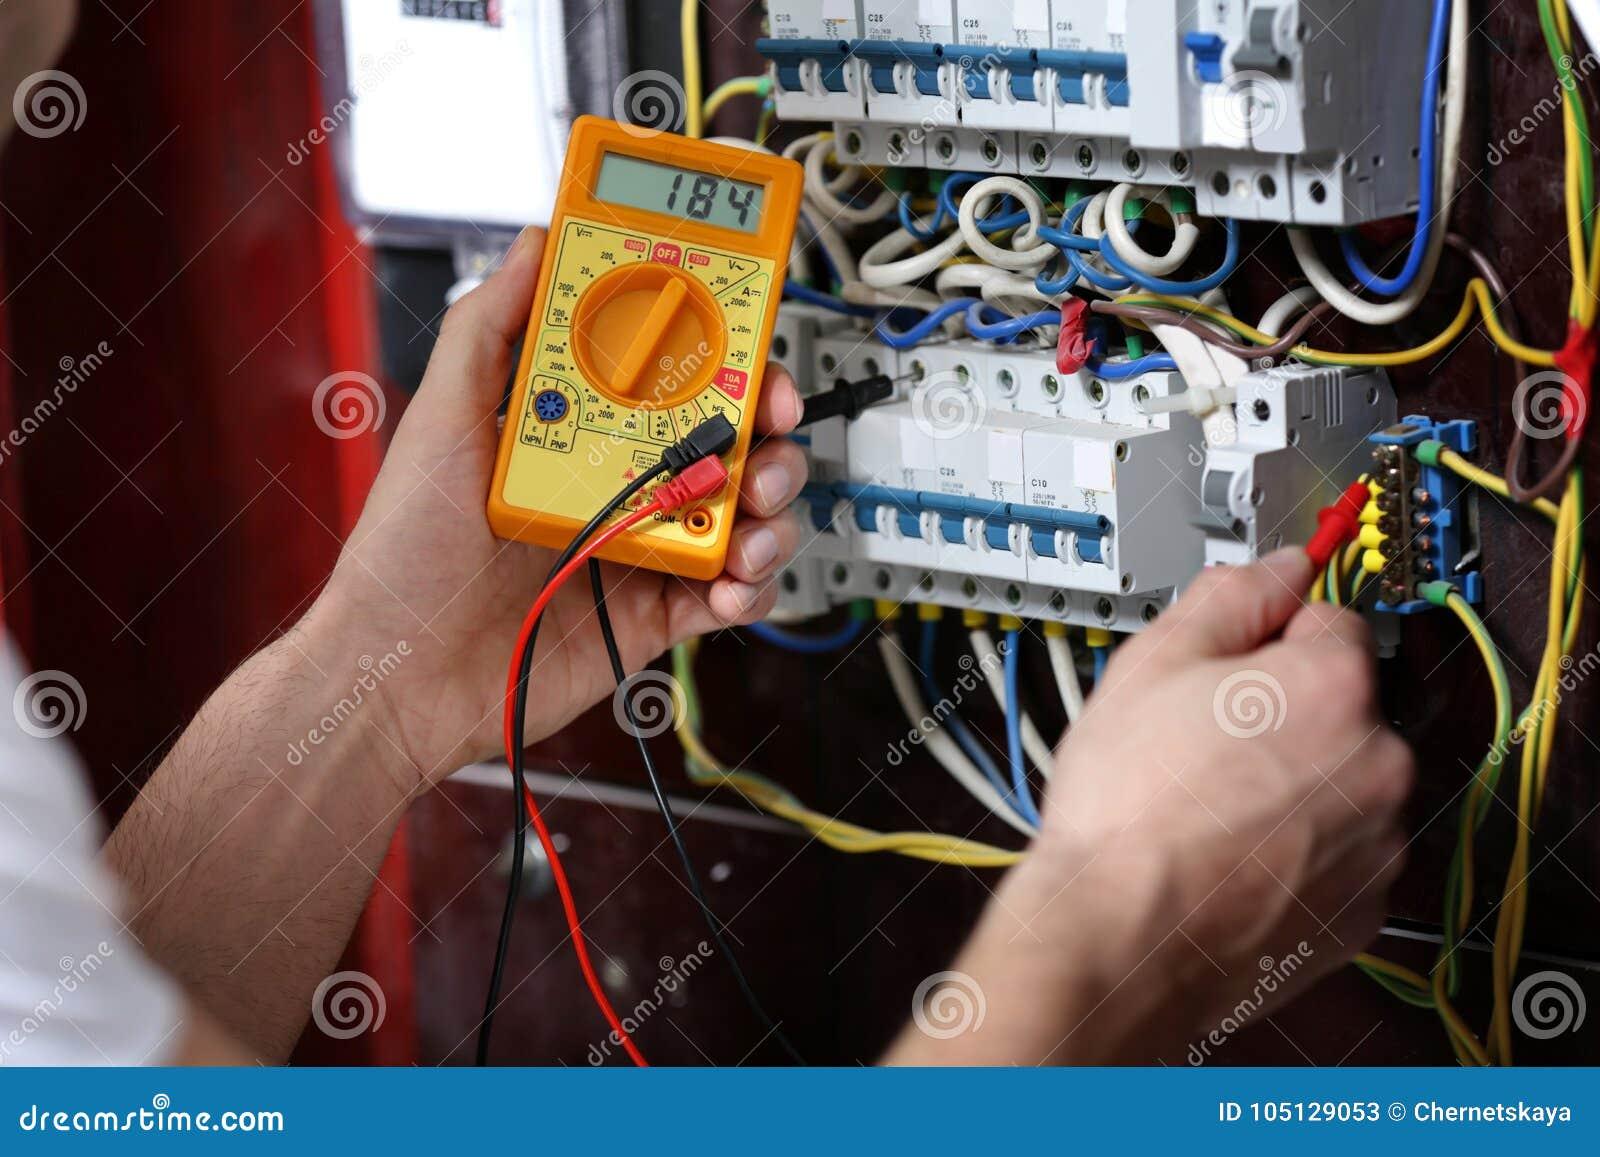 Voltaje de medición del electricista en tablero de distribución